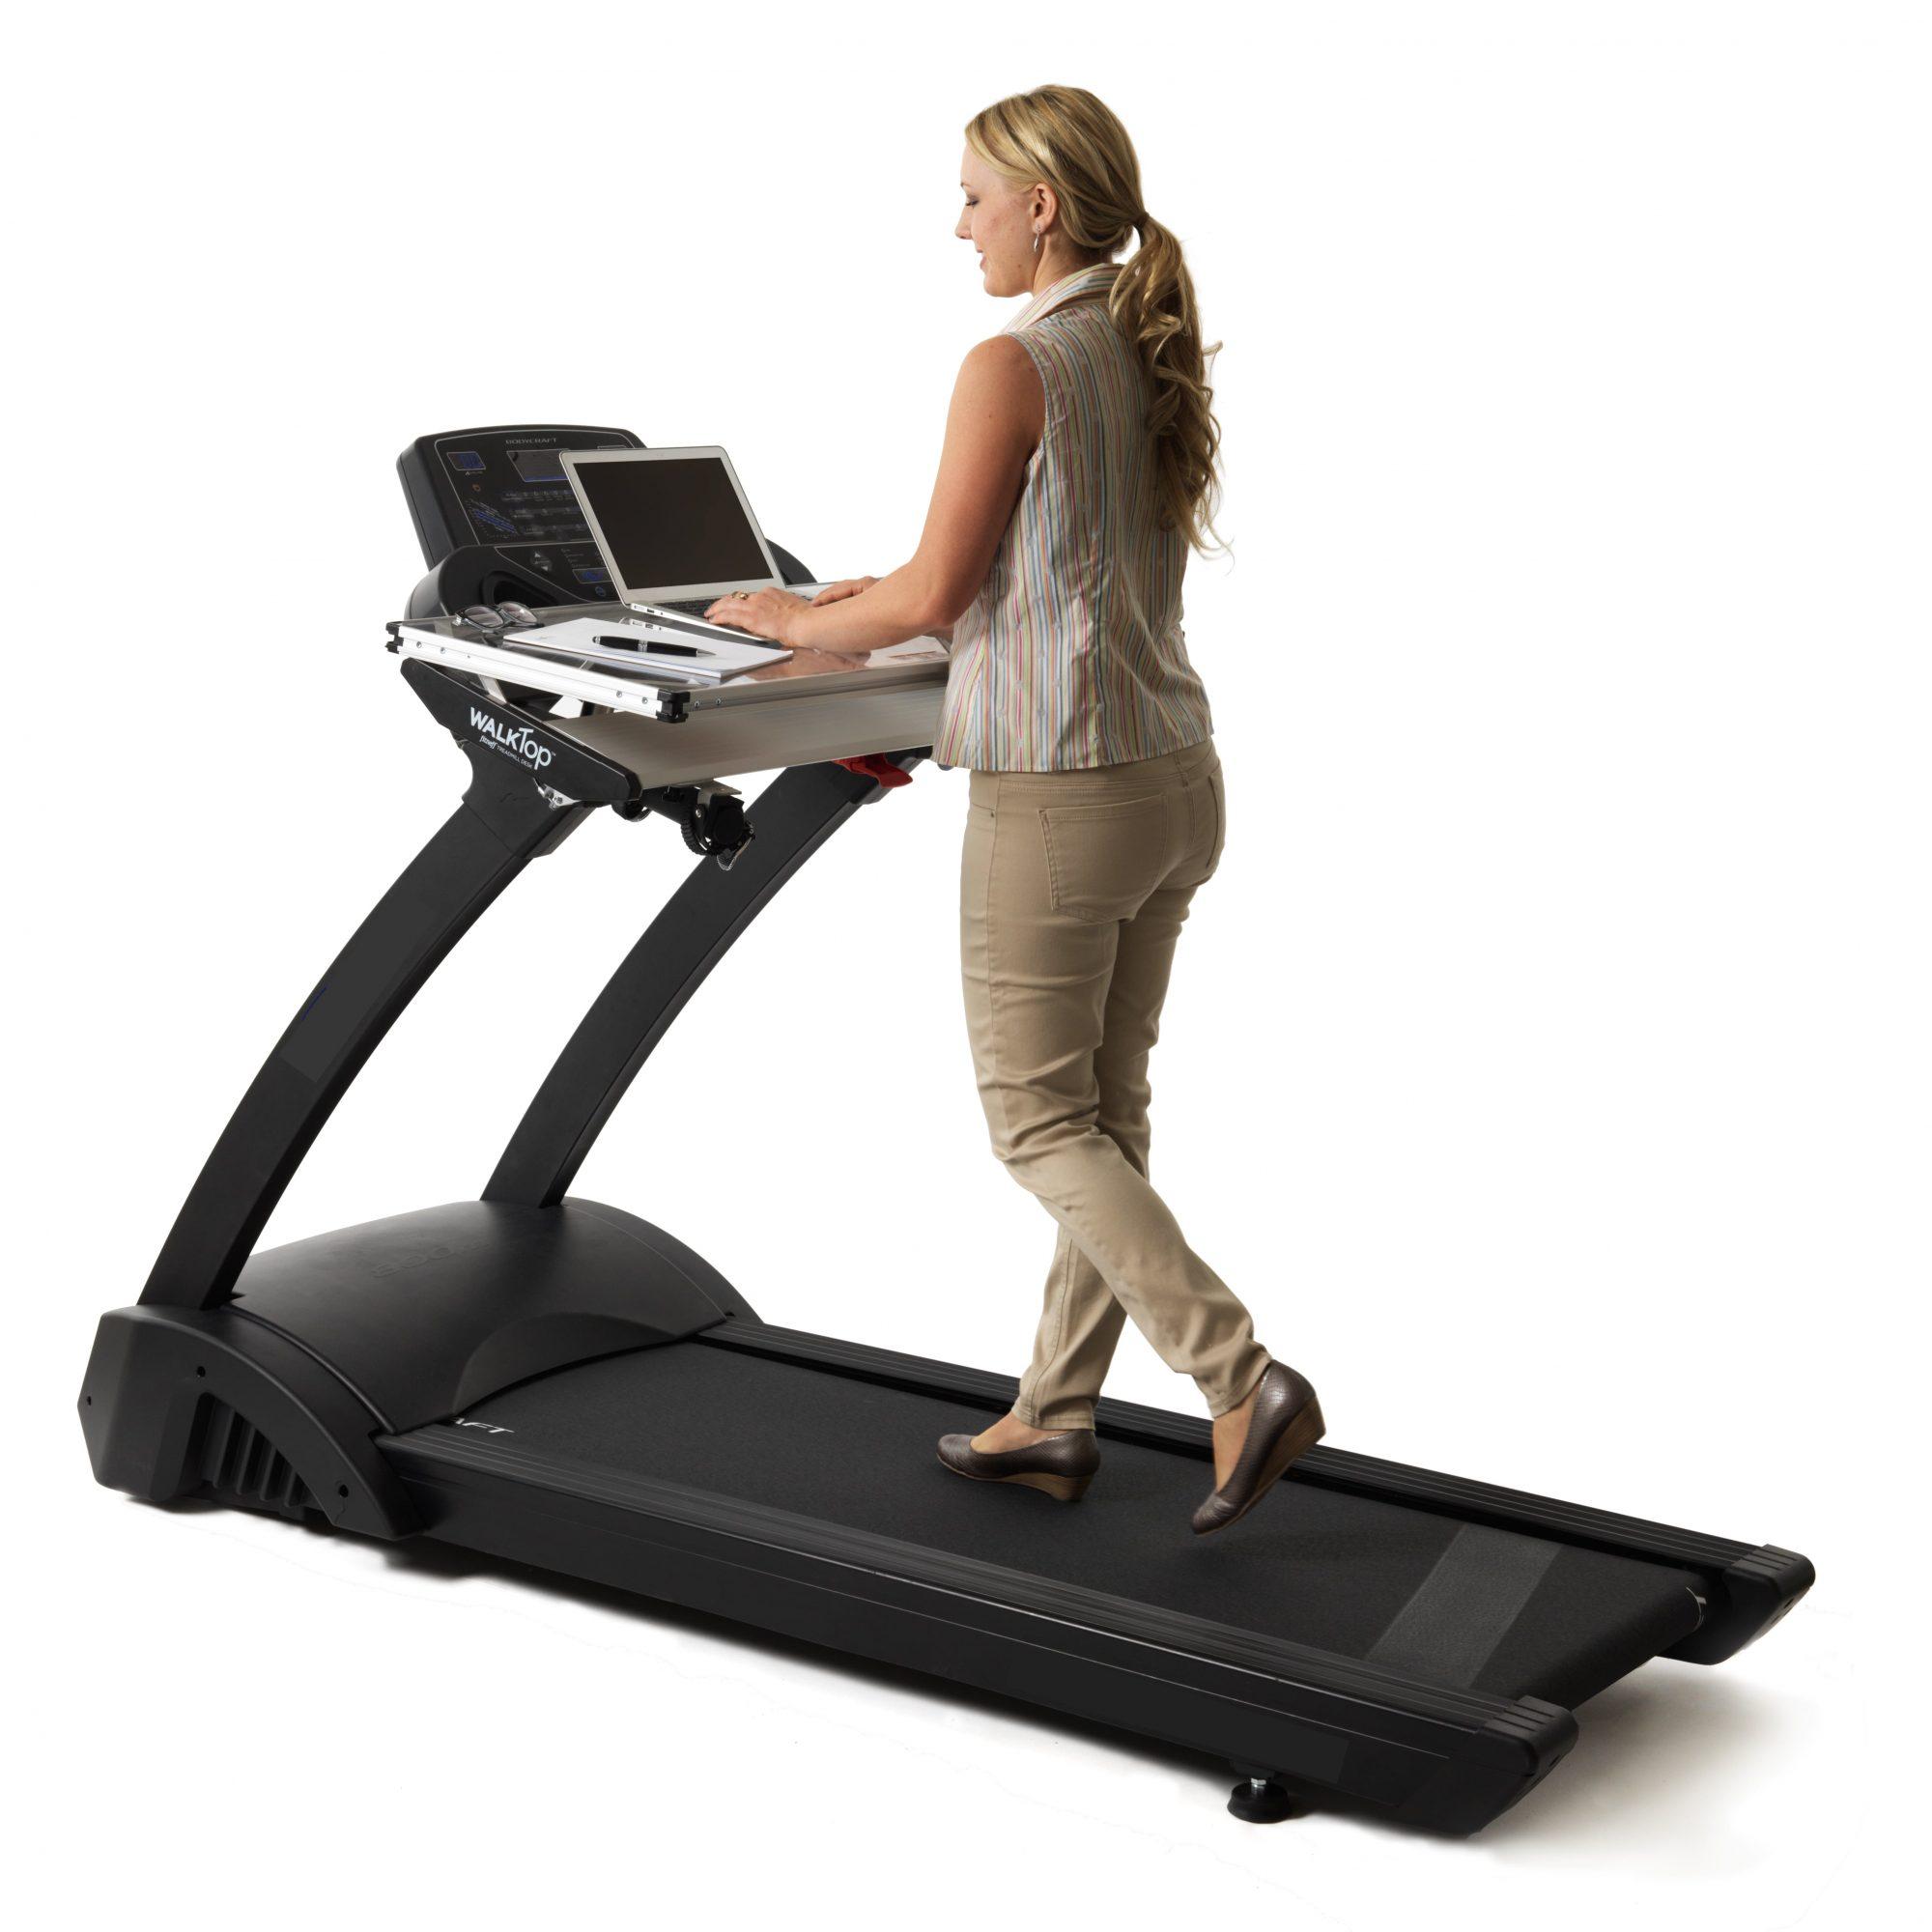 news treadmill medium labjack reviews desk